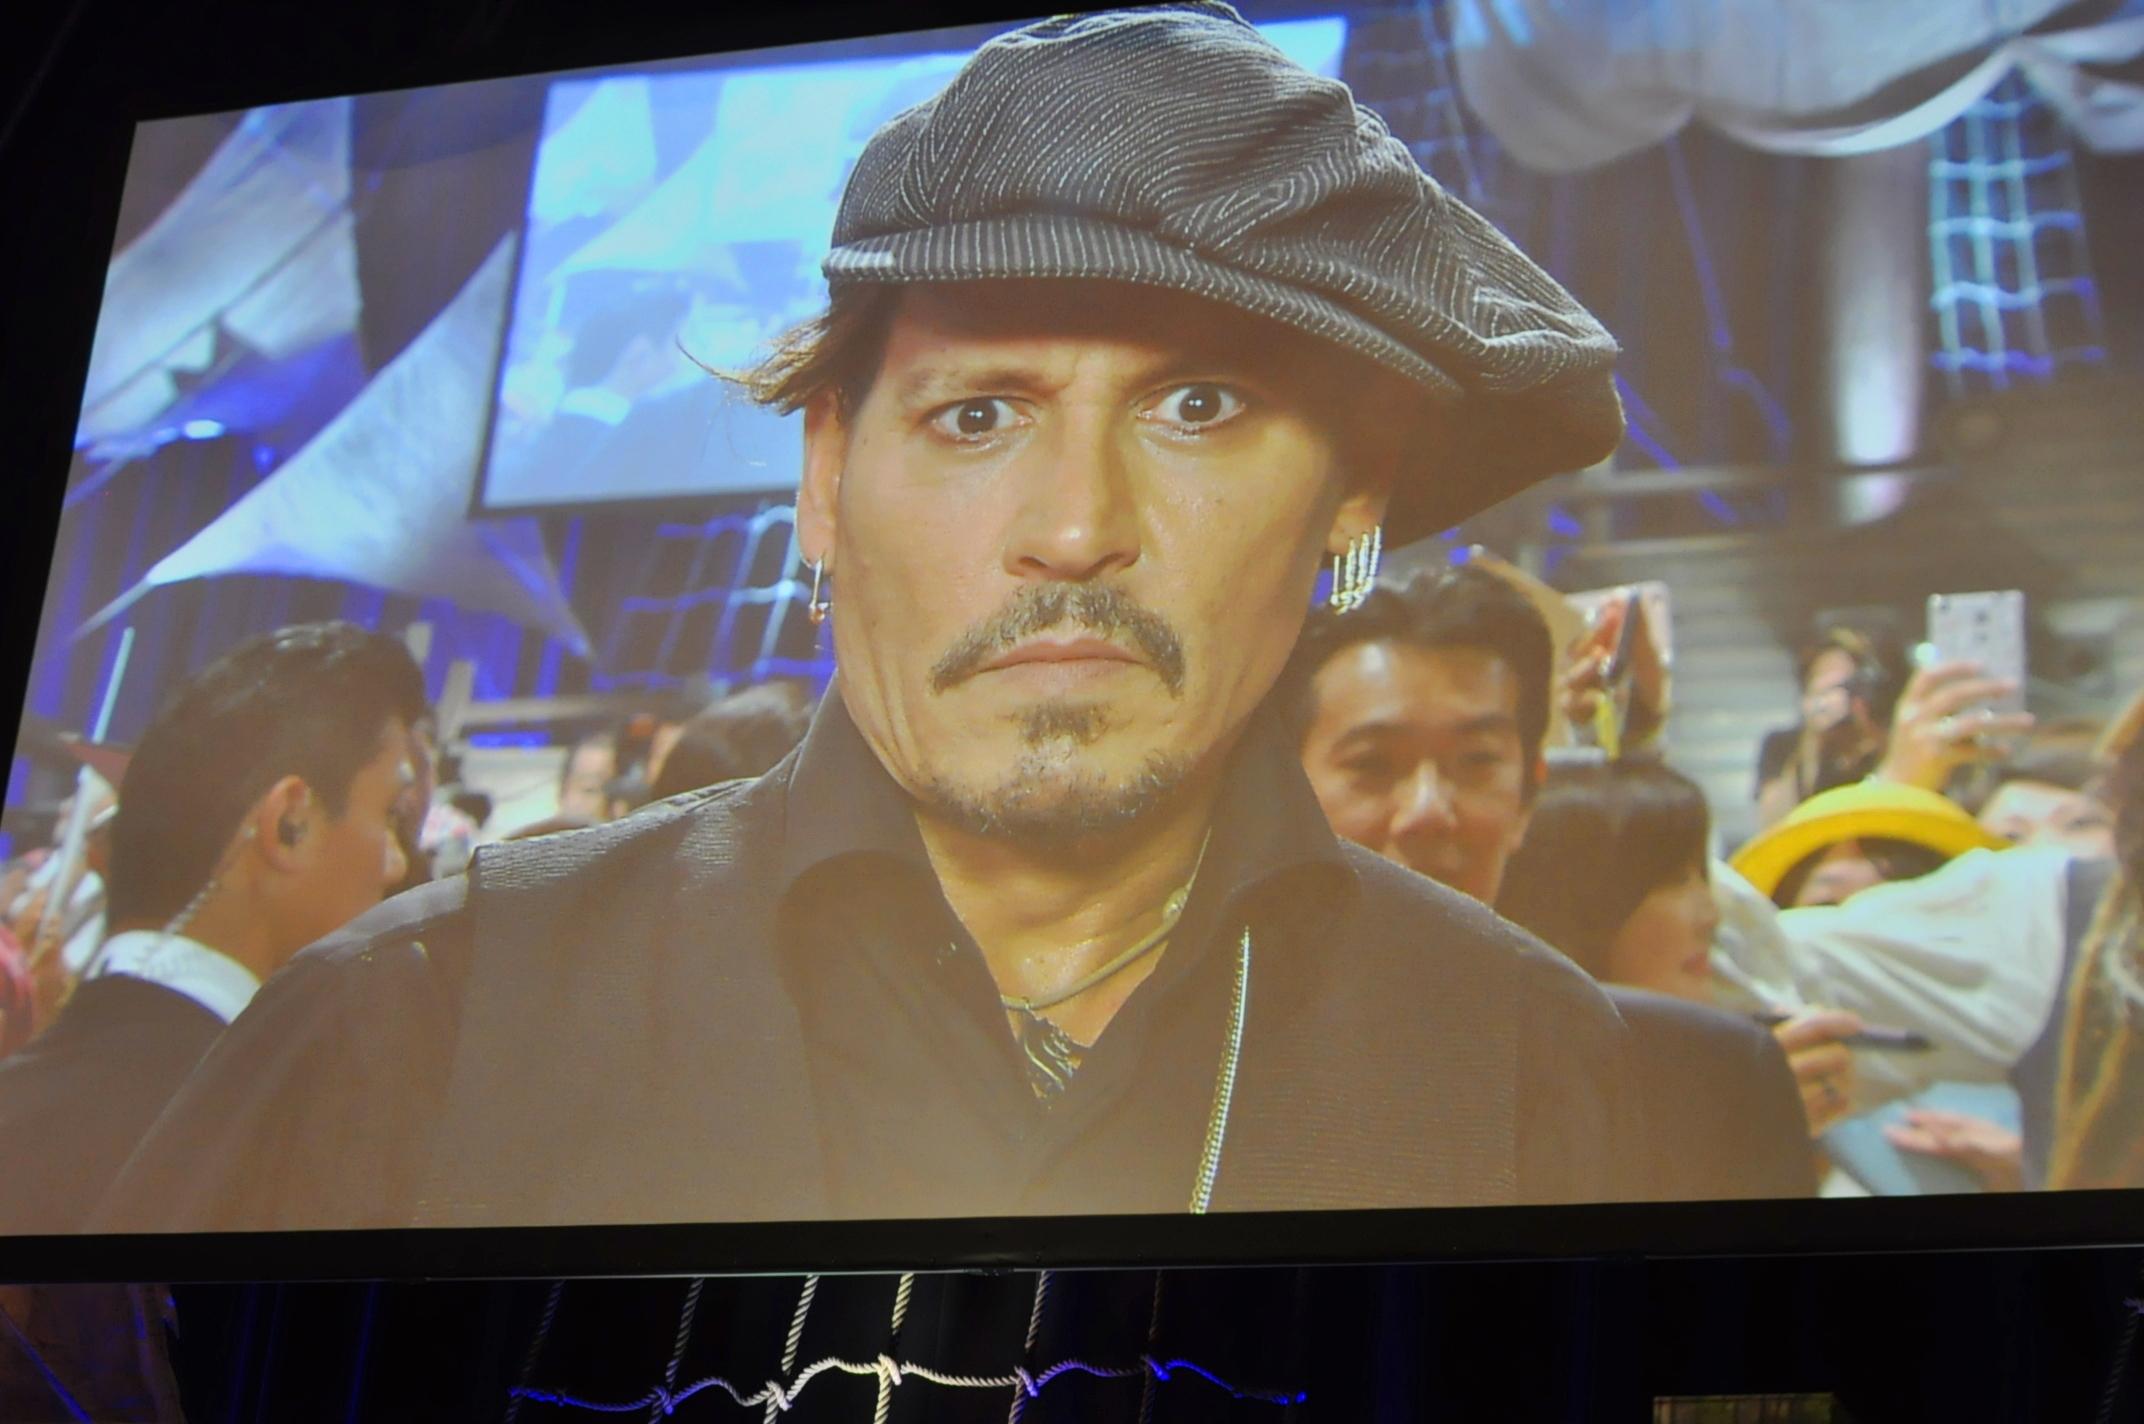 生中継の映像にもしっかりと対応するジョニー・デップ